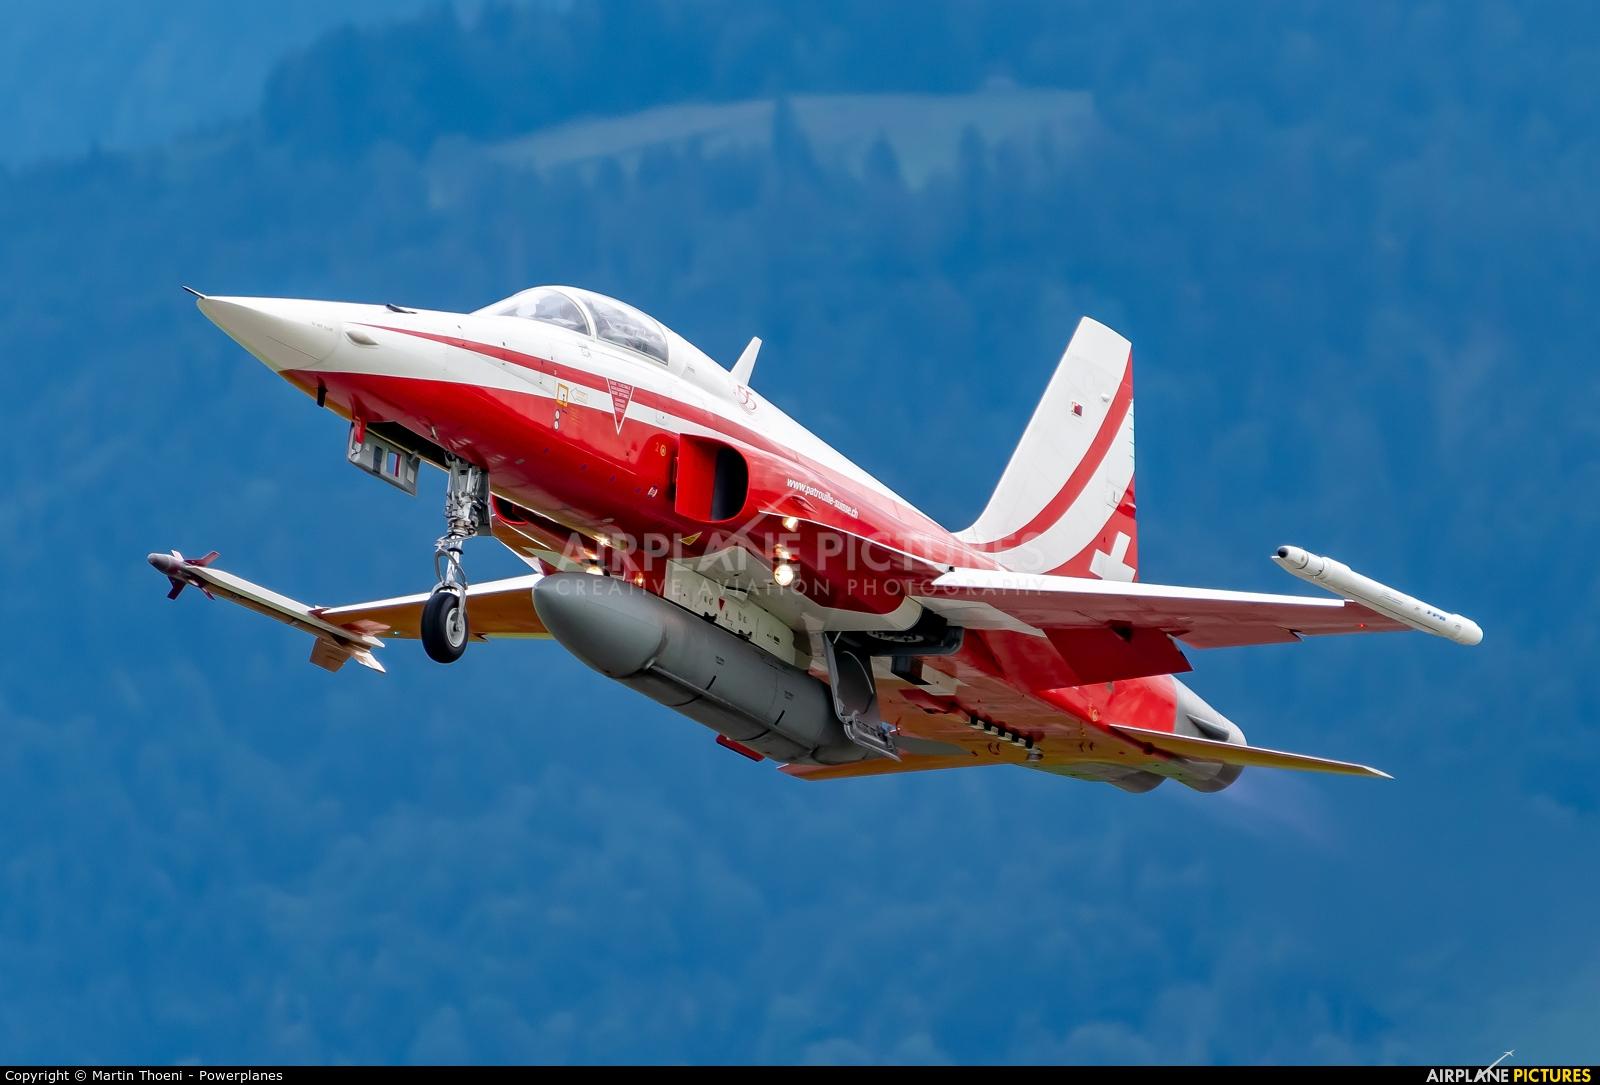 Switzerland - Air Force J-3080 aircraft at Emmen